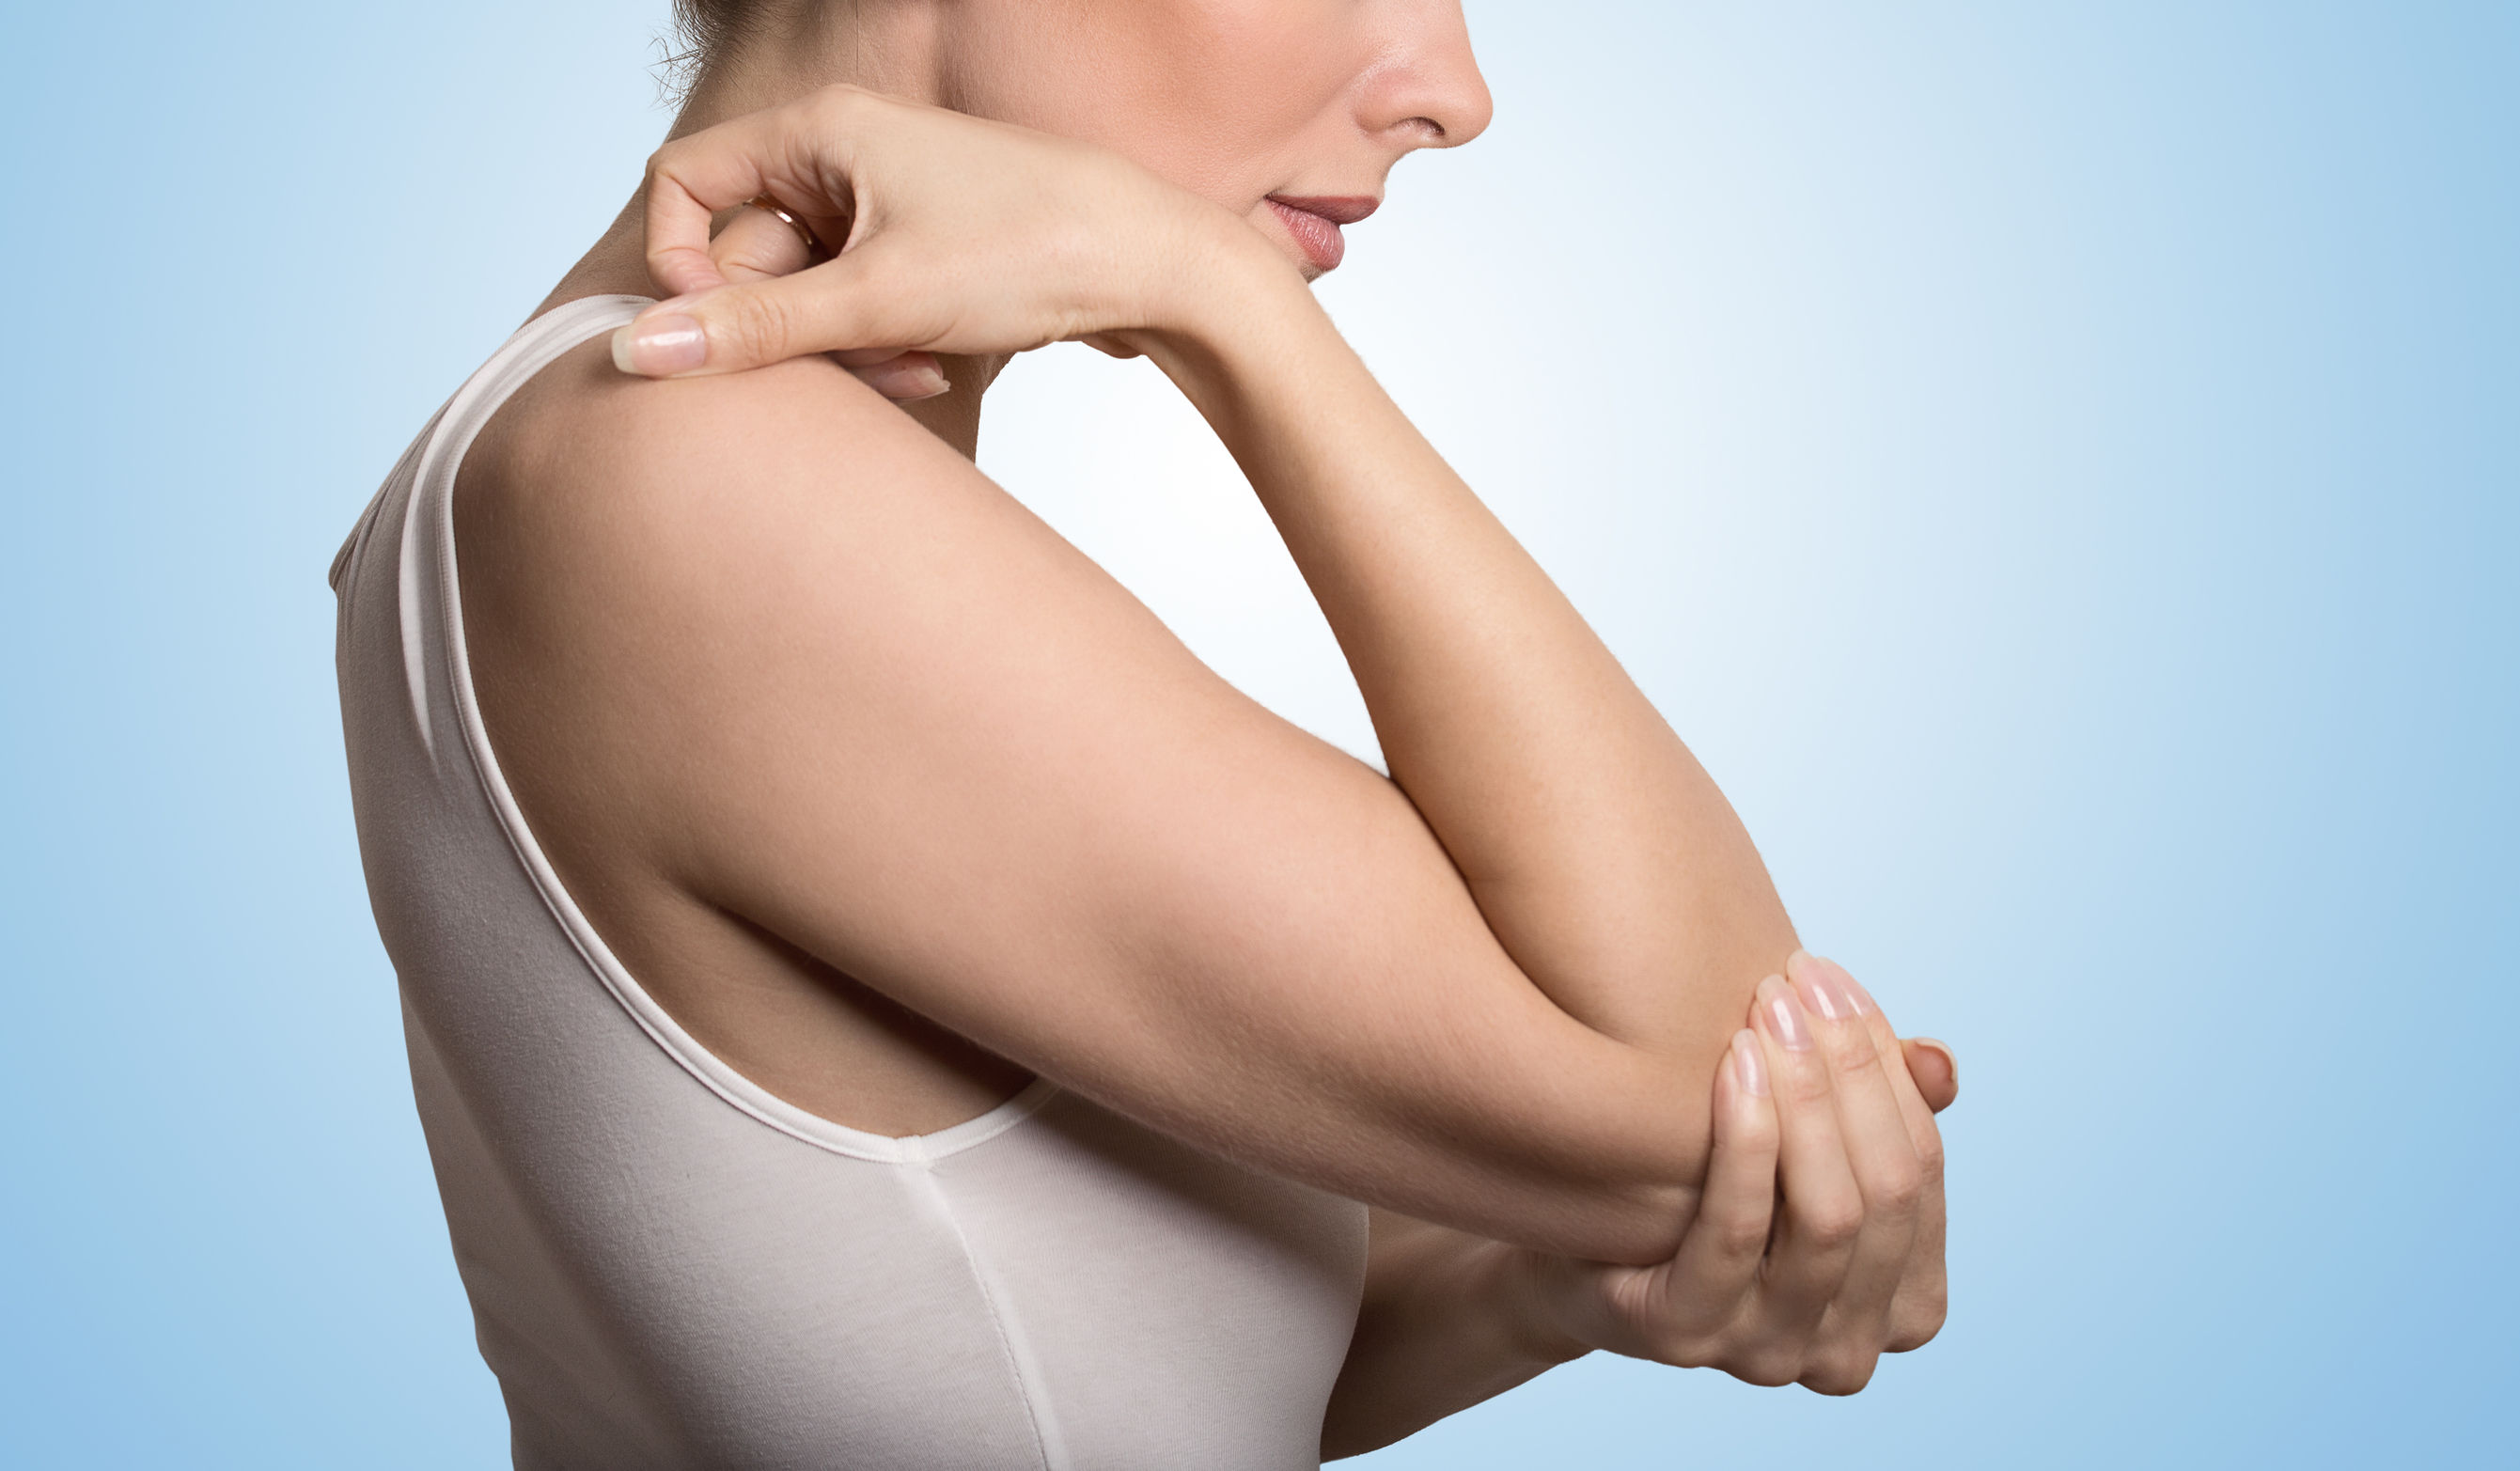 hogyan kell kezelni a duzzadt ízületet az ujján